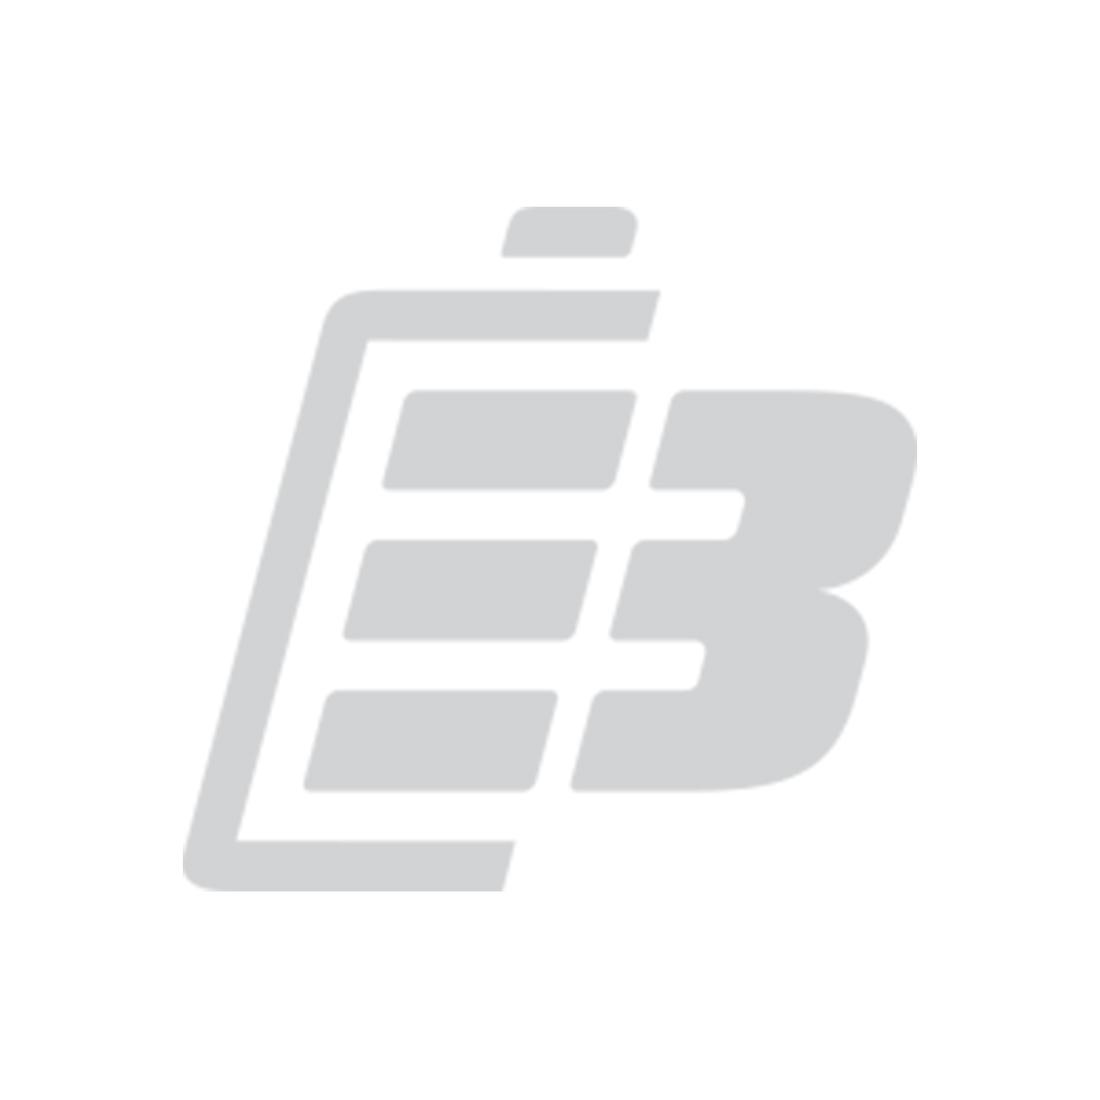 Μπαταρία ασύρματου τηλεφώνου Panasonic HHR-P303_1